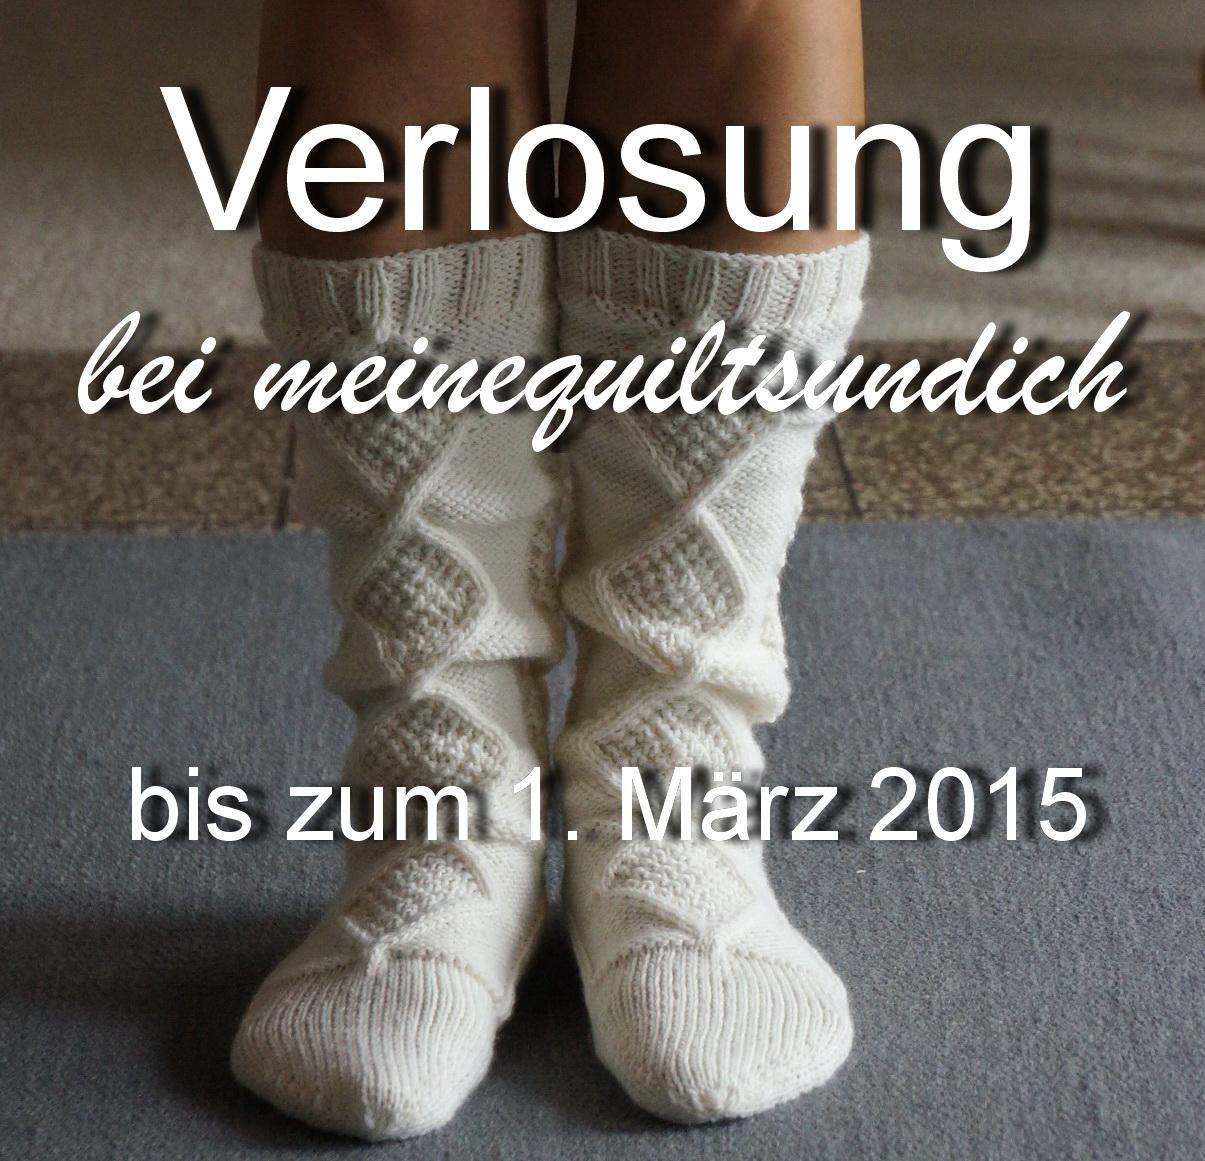 http://meinequiltsundich.blogspot.de/2015/02/verlosung.html